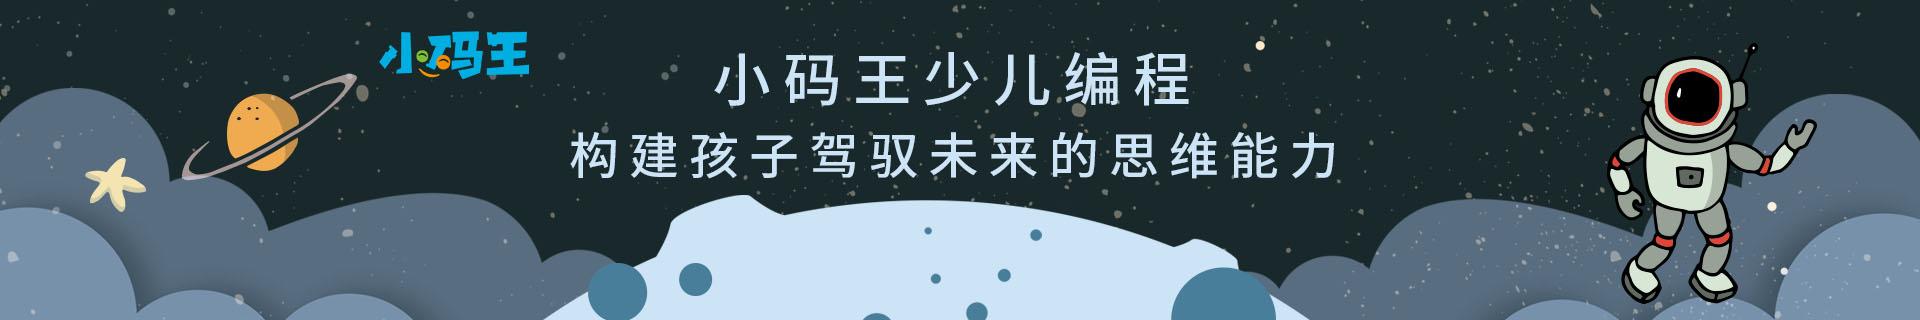 深圳福田侨香小码王编程培训机构